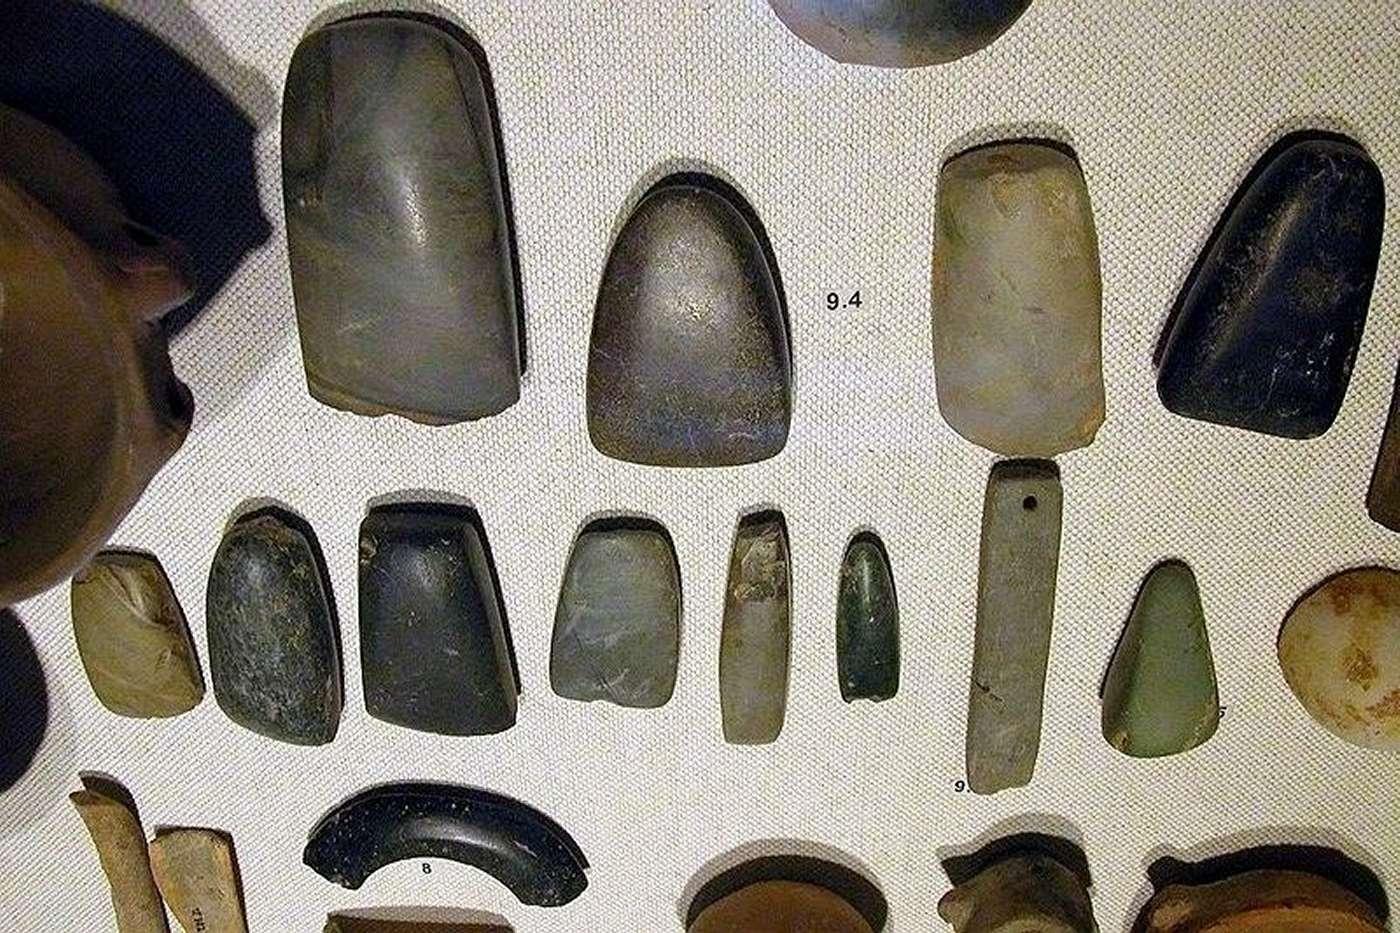 Des objets confectionnés du Néolithique : des haches (9.4), ces polissoirs (9.5) et des bracelets (8). Les haches devaient aussi servir à la guerre. © Michael Greenhalg, Wikipédia, CC BY SA 2.5